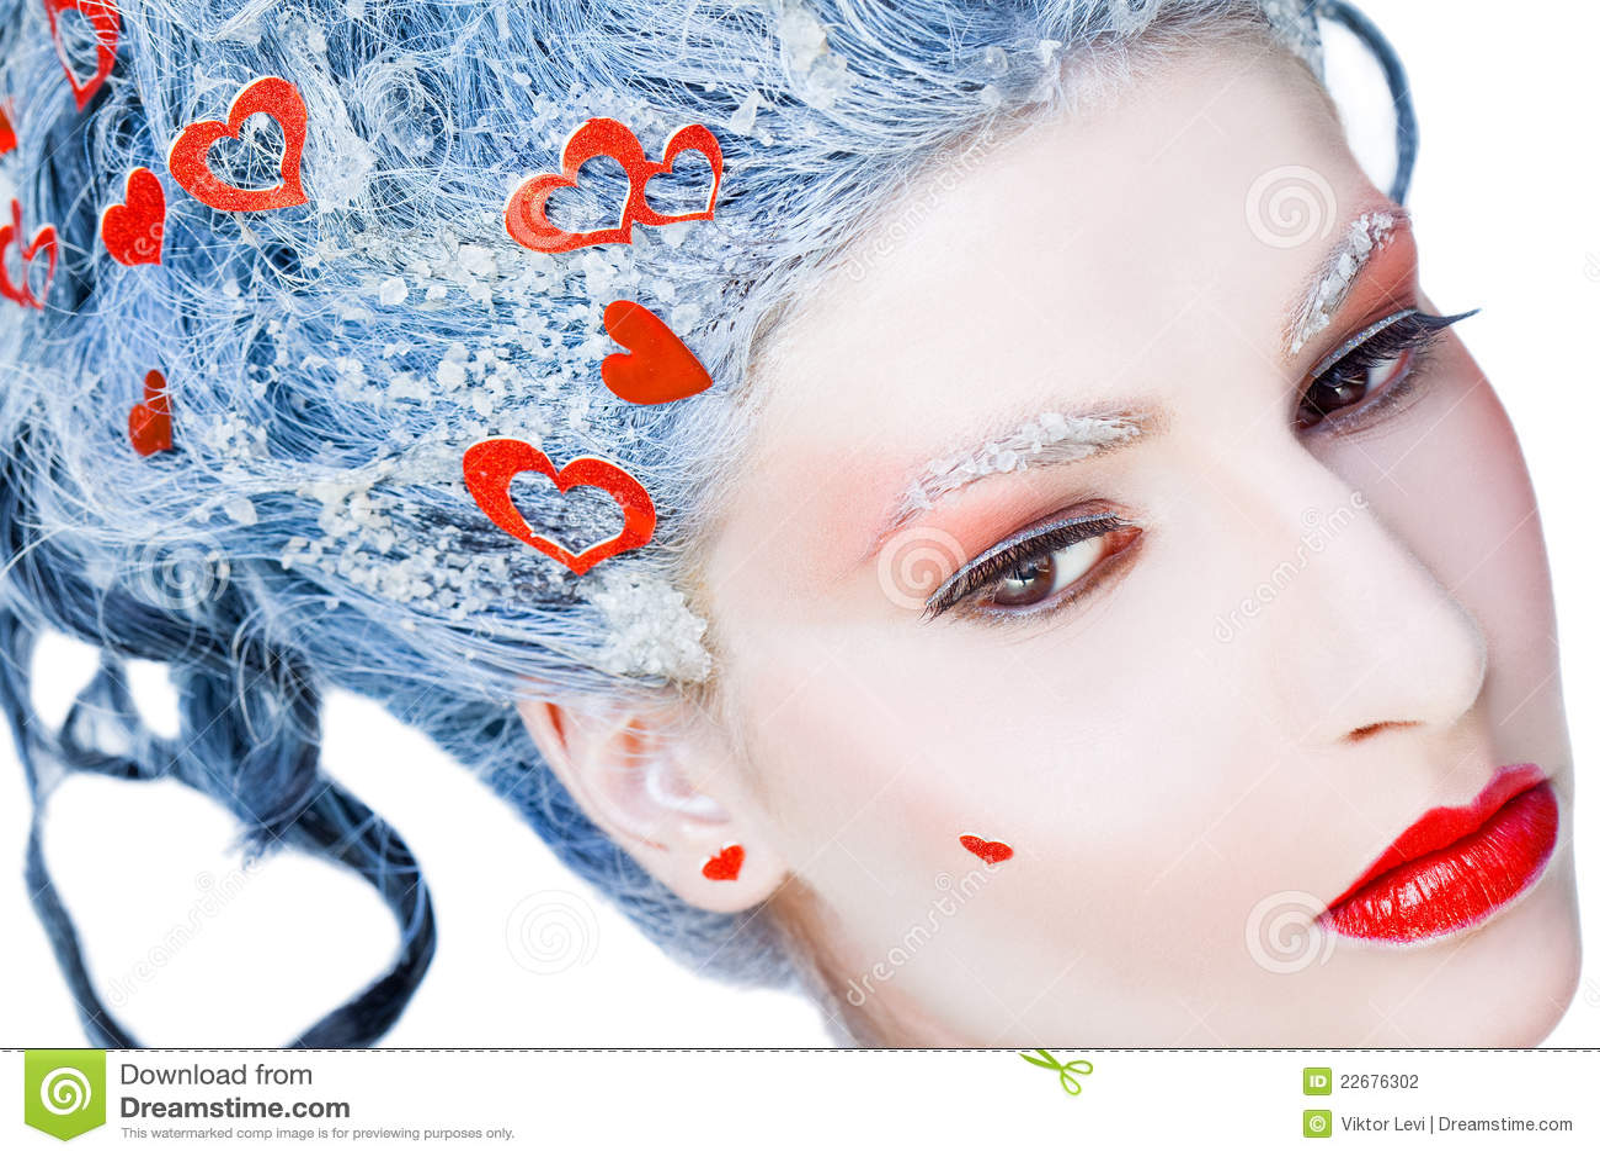 Portrait of frozen woman face